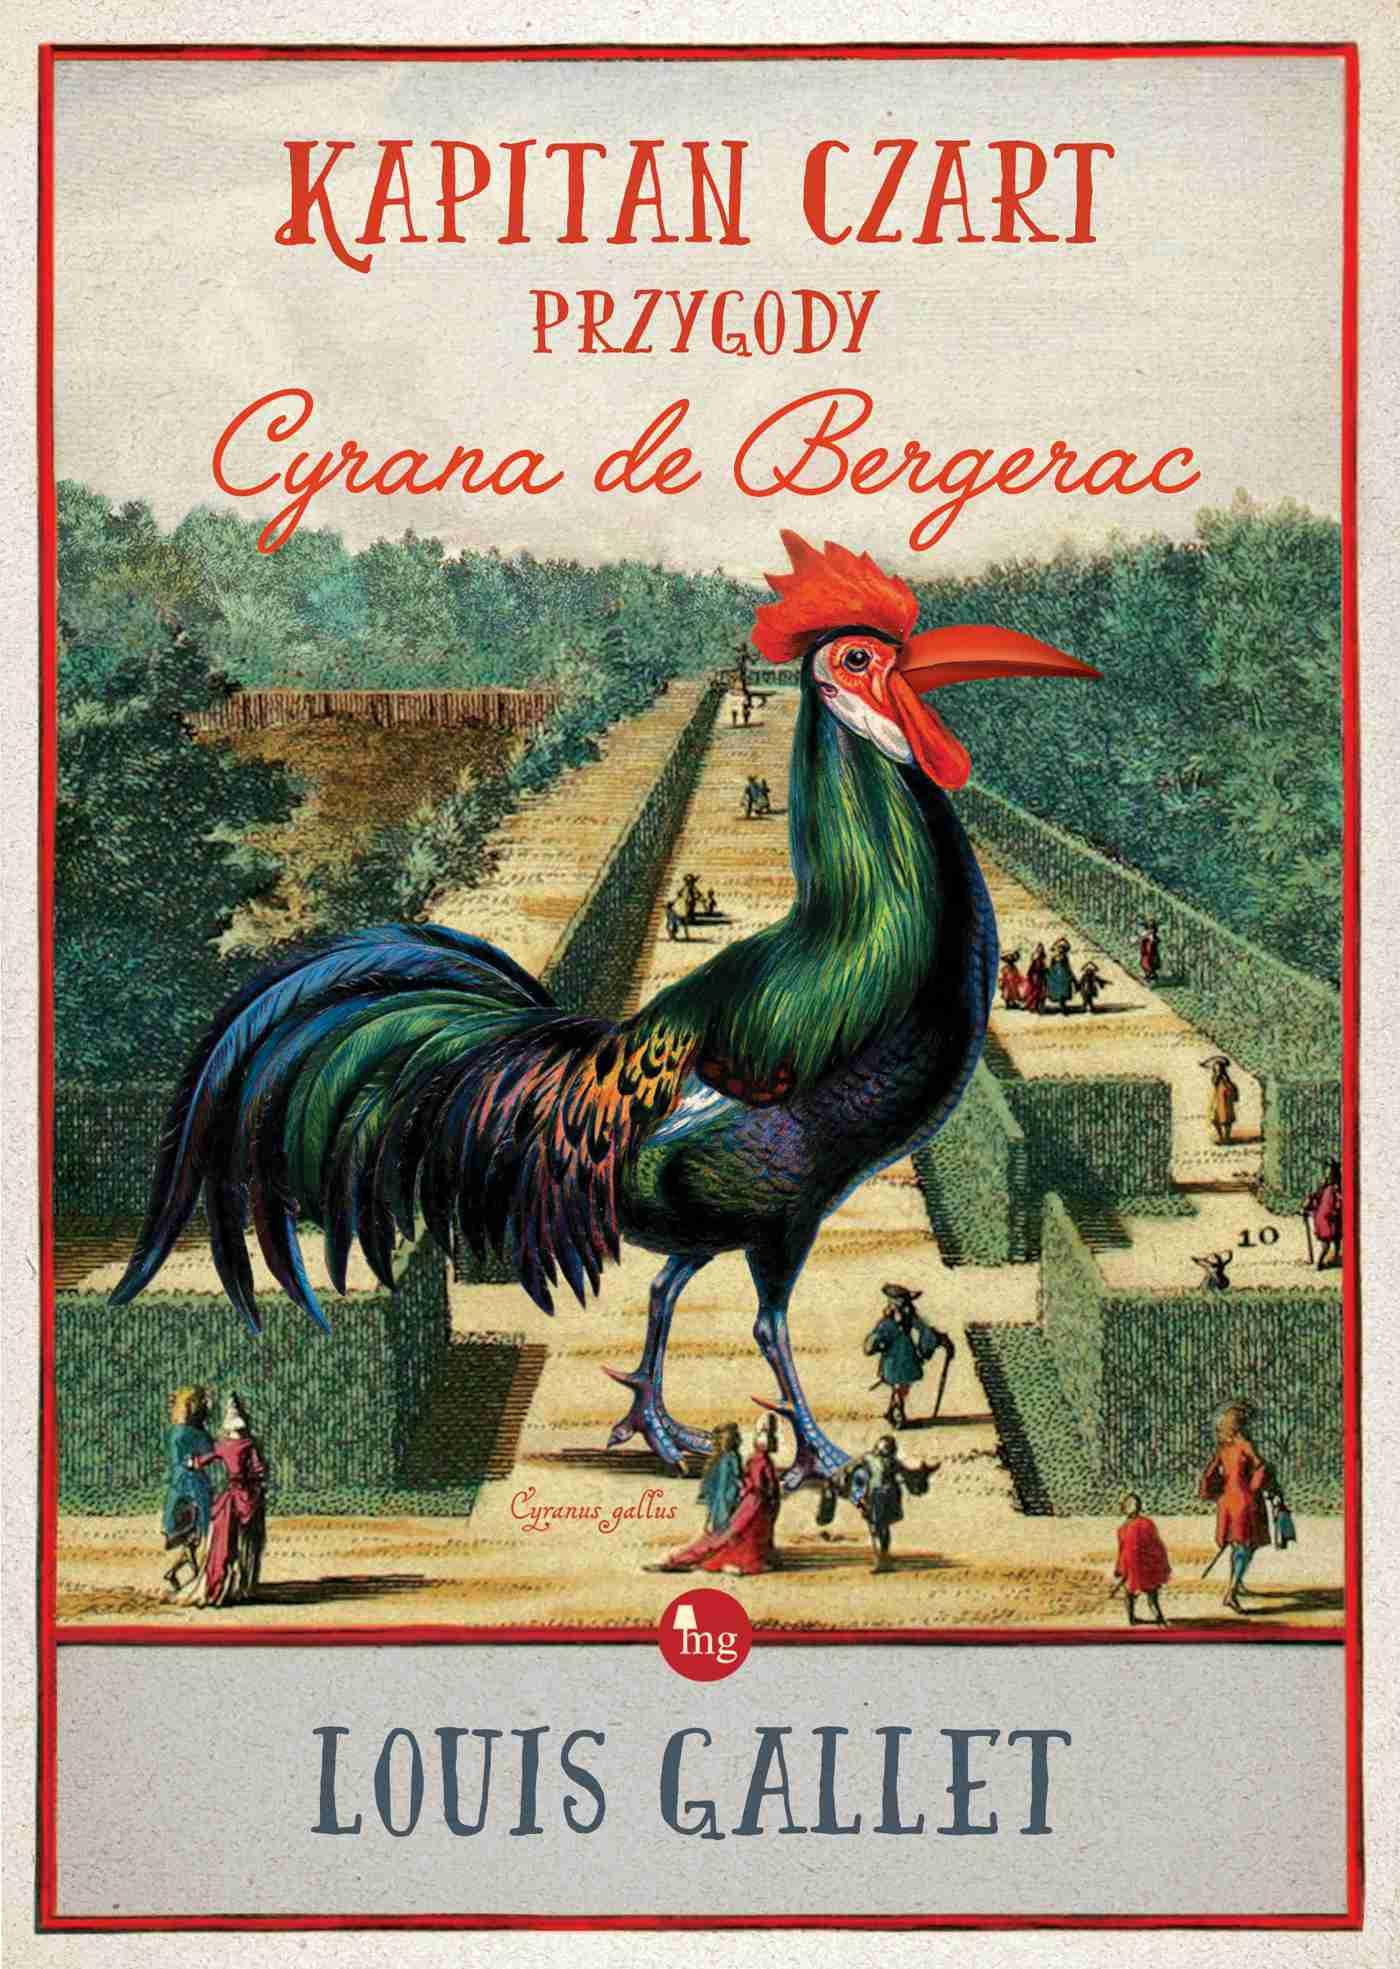 Kapitan Czart, przygody Cyrana de Bergerac - Ebook (Książka EPUB) do pobrania w formacie EPUB